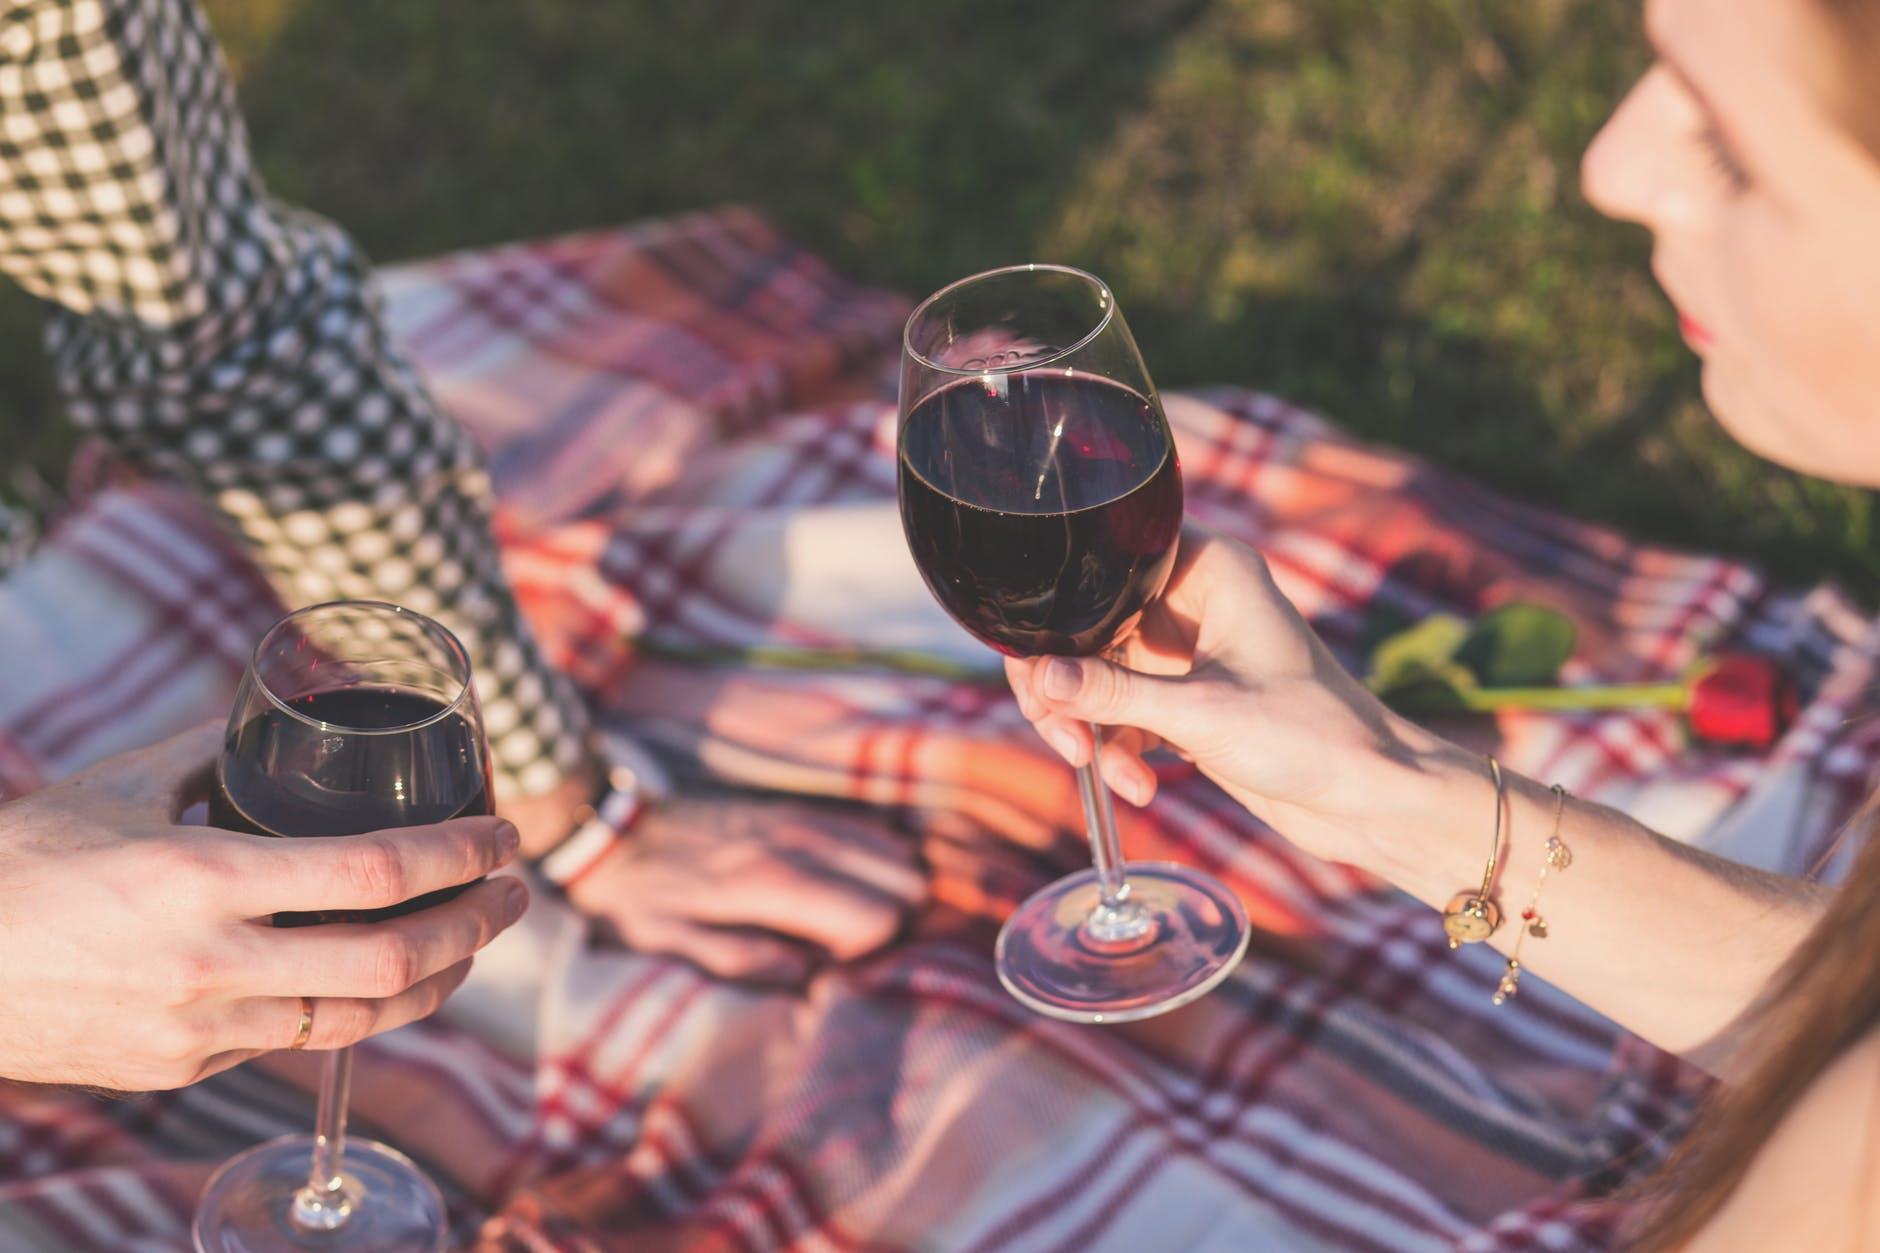 bebiendo-vino-finca-sanchez-cozar